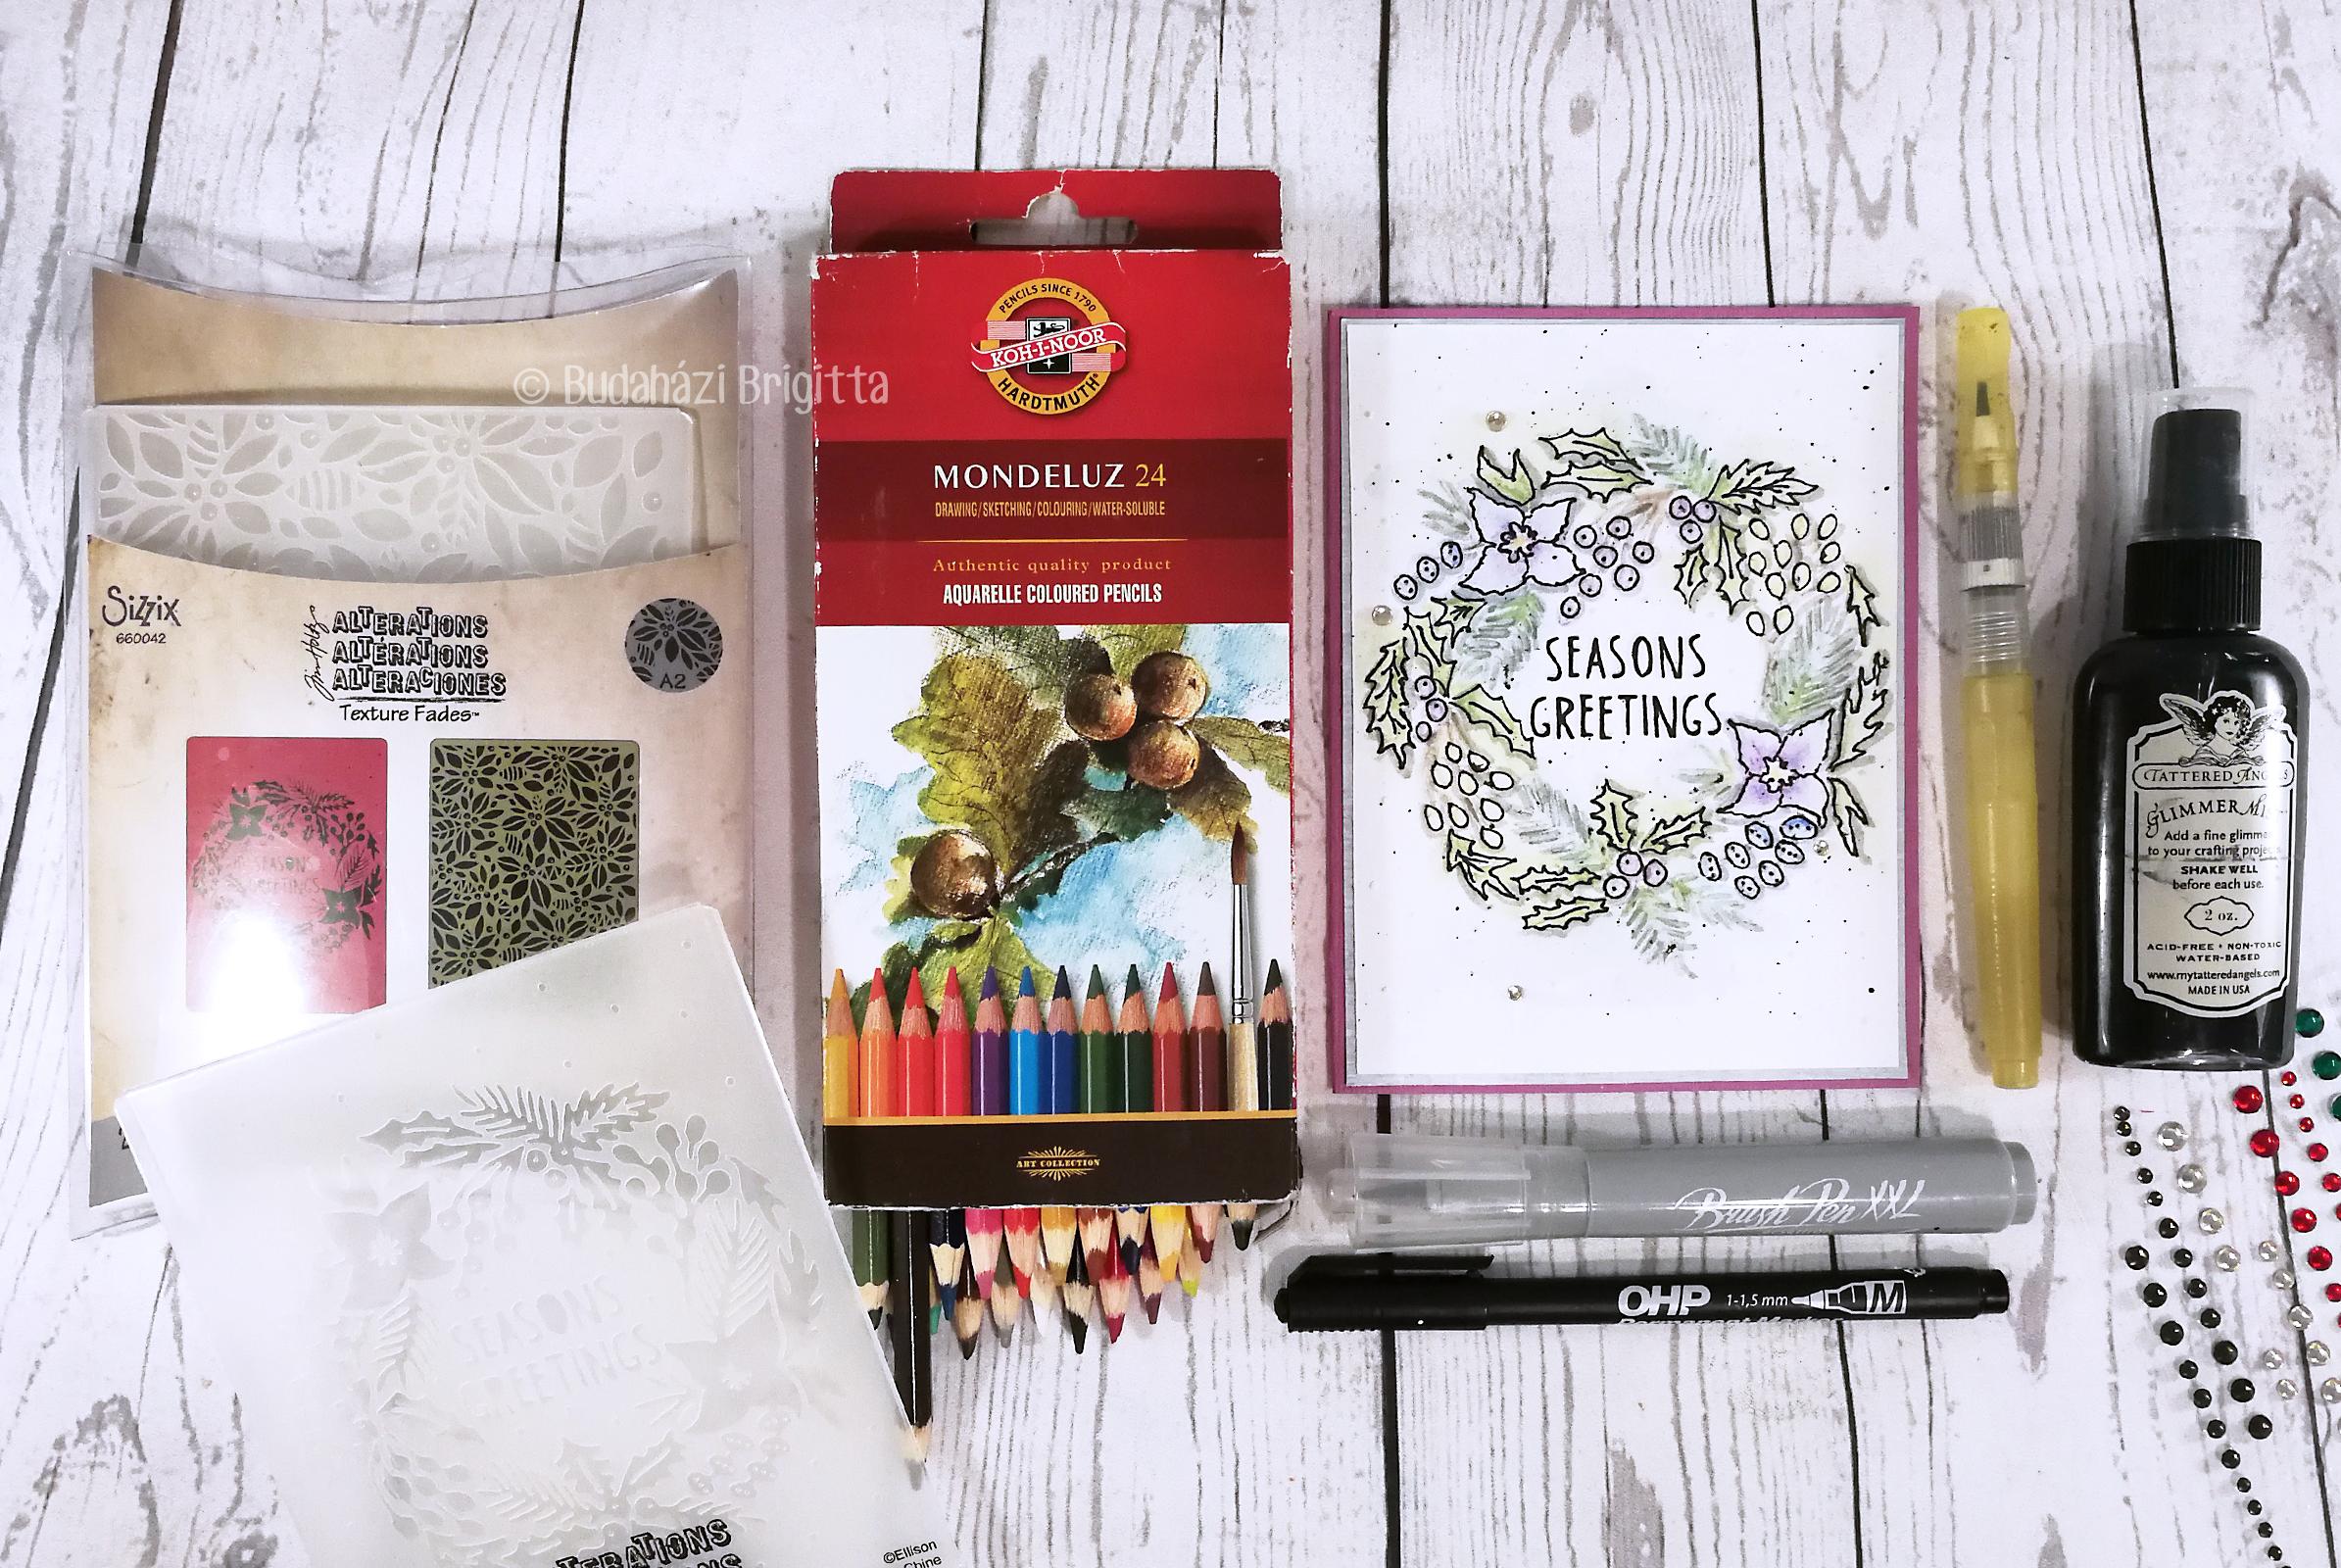 Pasztell árnyalatok - Domborított képeslapok színezése különféle technikákkal | Budaházi Brigitta - Scrapbook.hu